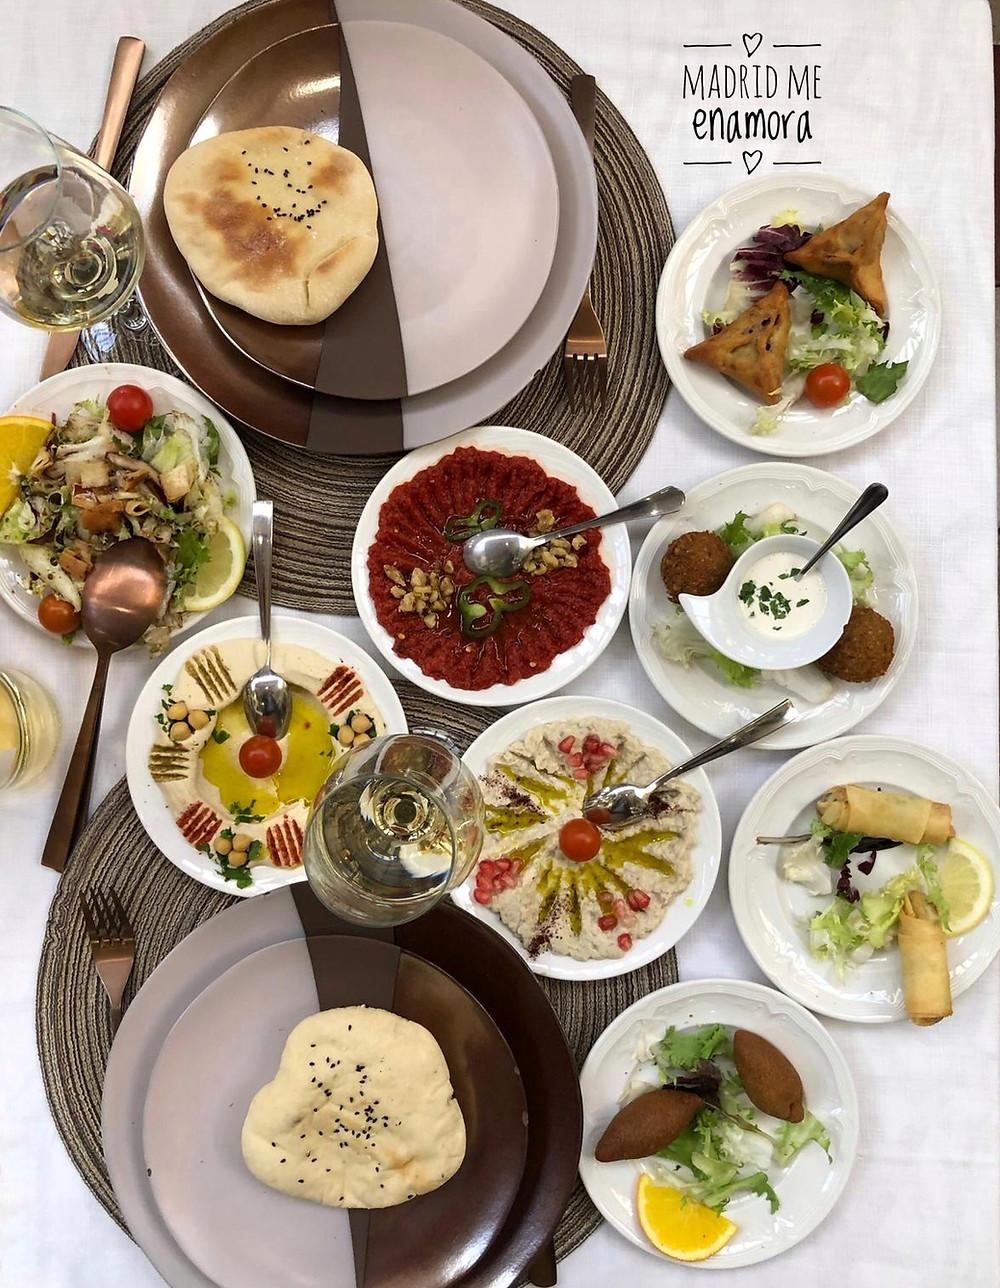 Los entrantes para compartir son cuatro platos fríos y cuatro calientes.